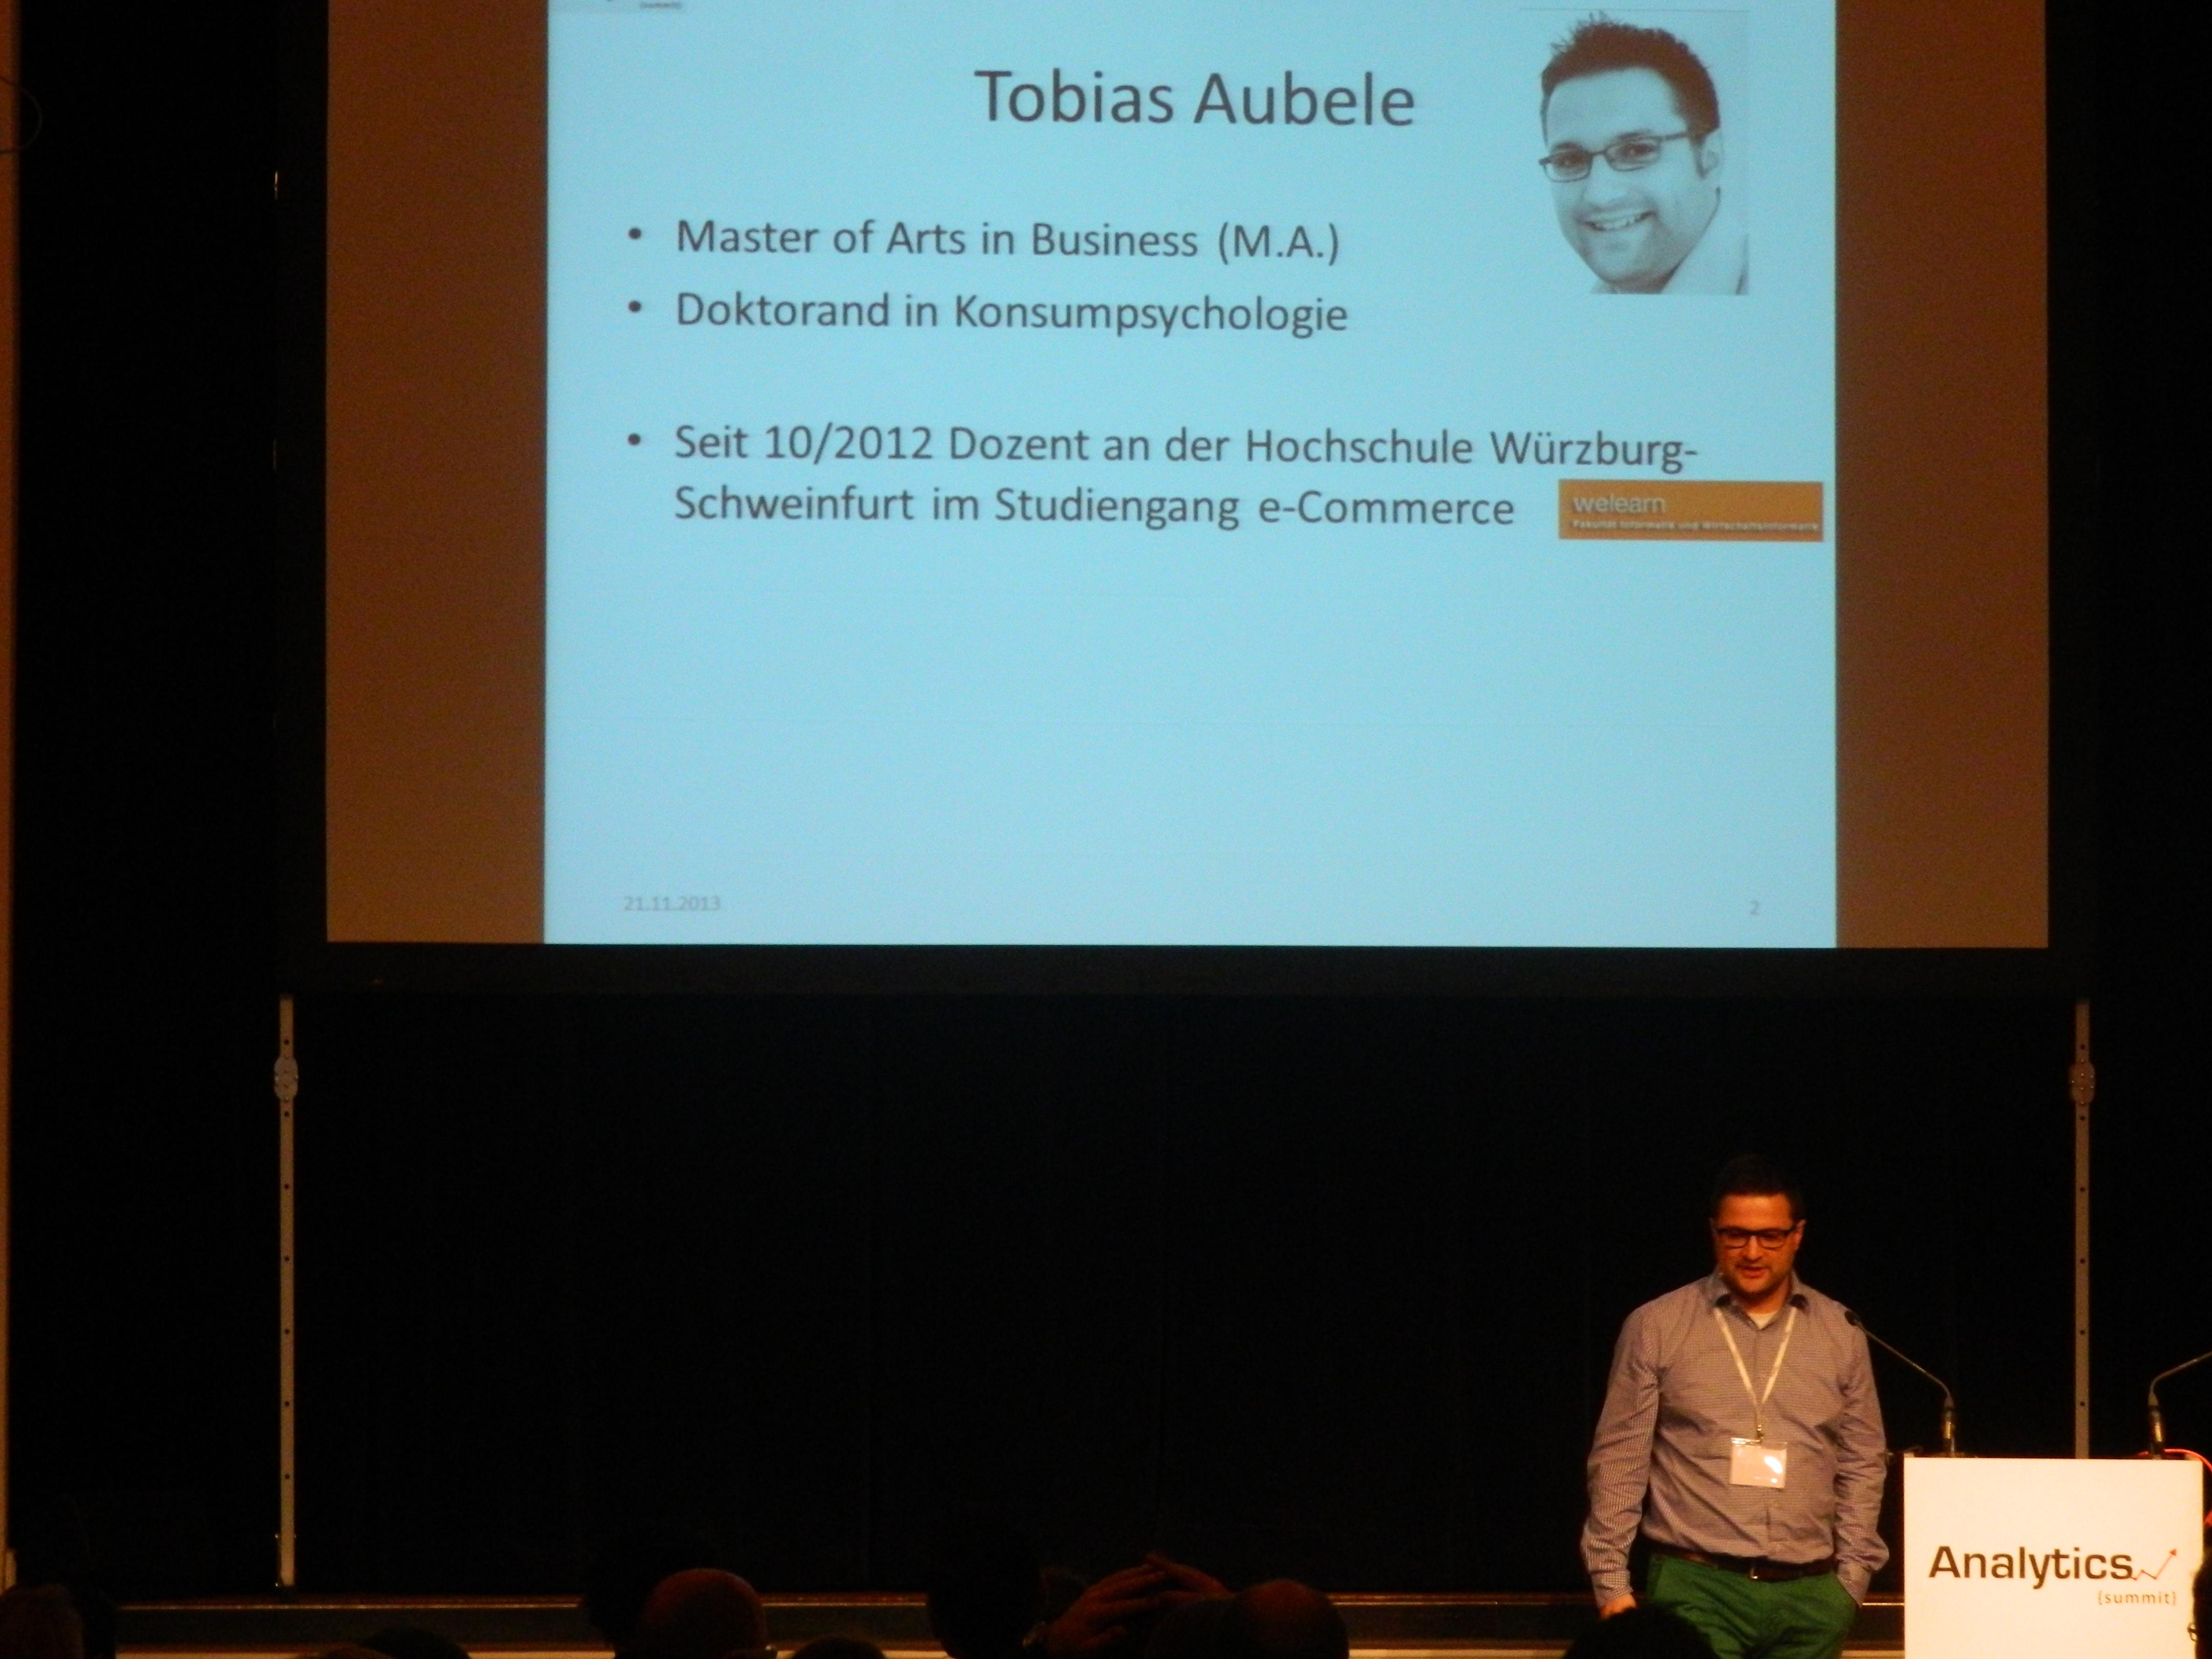 Tobias Aubele bei seinem Vortrag zu Dashboarding mit Excel Plugins